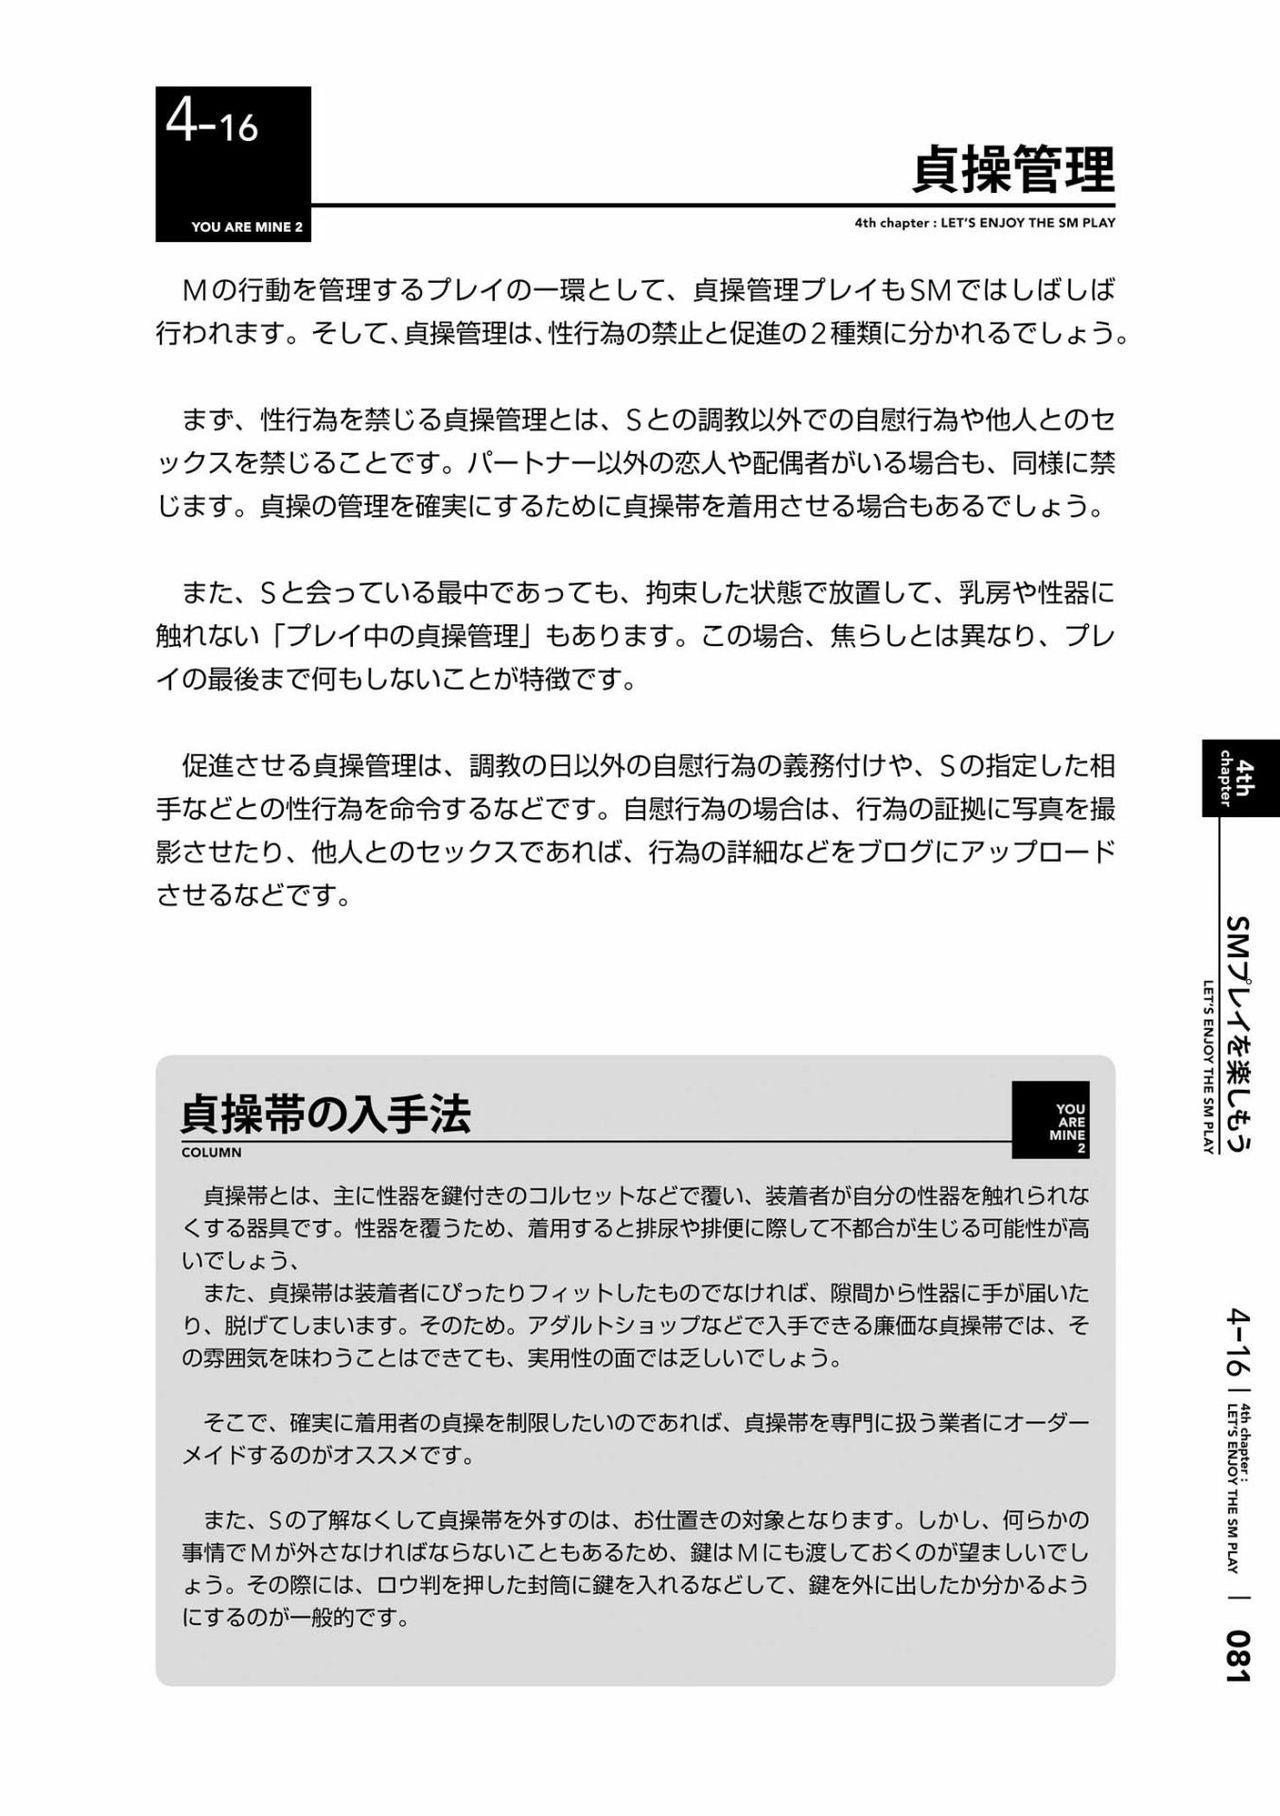 [Mitsuba] Karada mo Kokoro mo Boku no Mono ~Hajimete no SM Guide~ 2 [Digital] 83